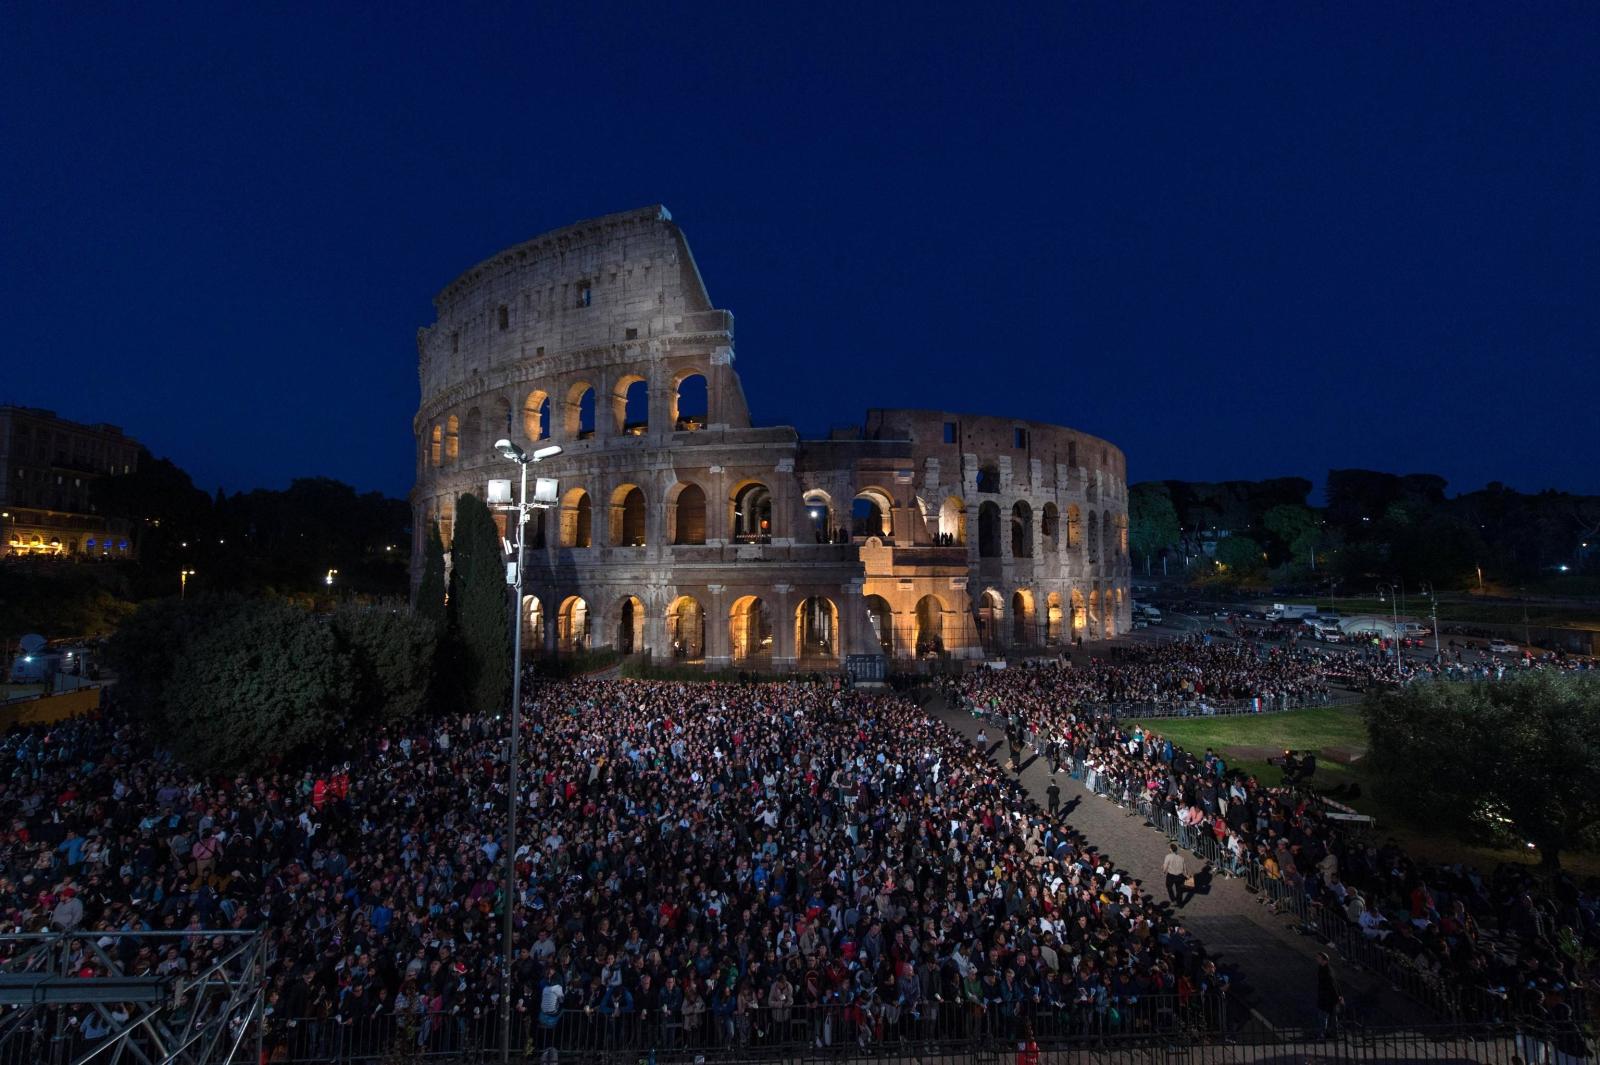 Rzym: Droga Krzyżowa, której przewodniczy papież Franciszek. fot. EPA/Giorgio Onorati